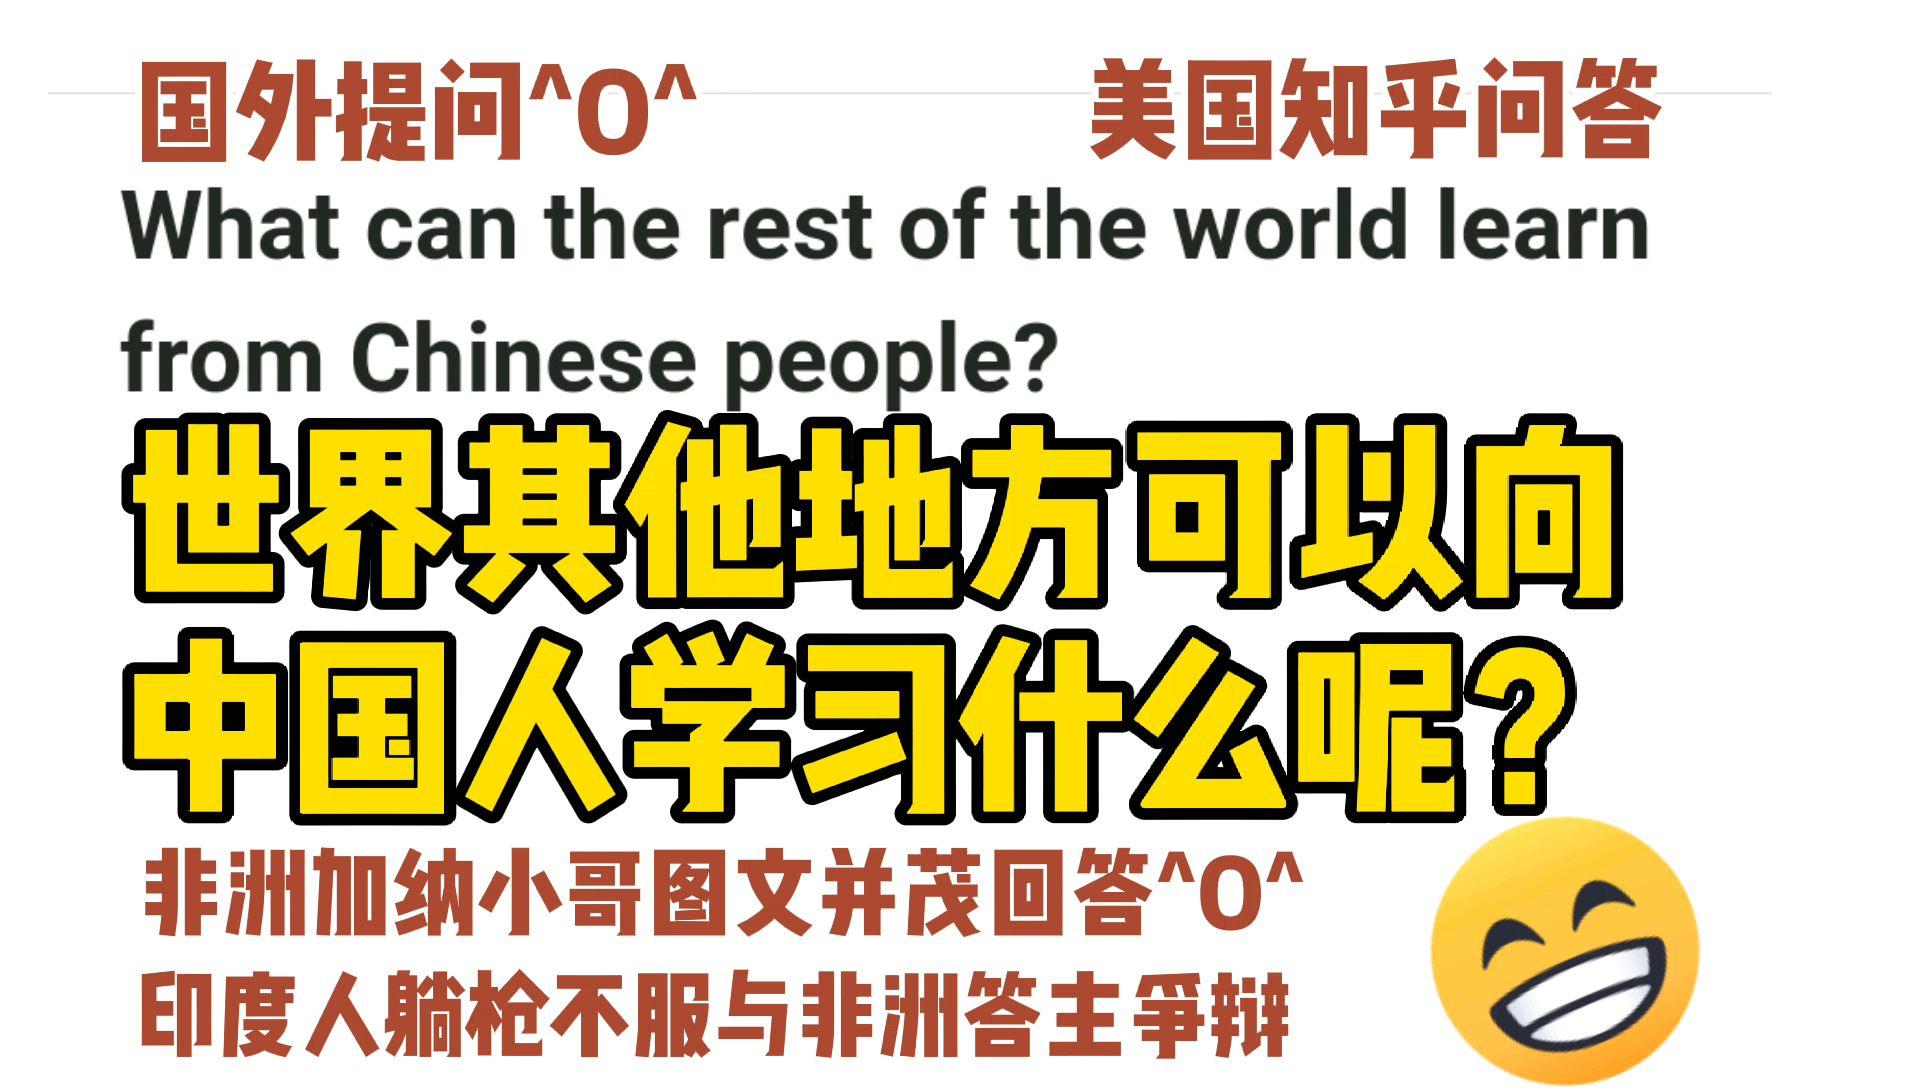 美国知乎,世界其他地方可以向中国人学习什么呢?非洲加纳小哥图文并茂回答印度人不服来辩^O^